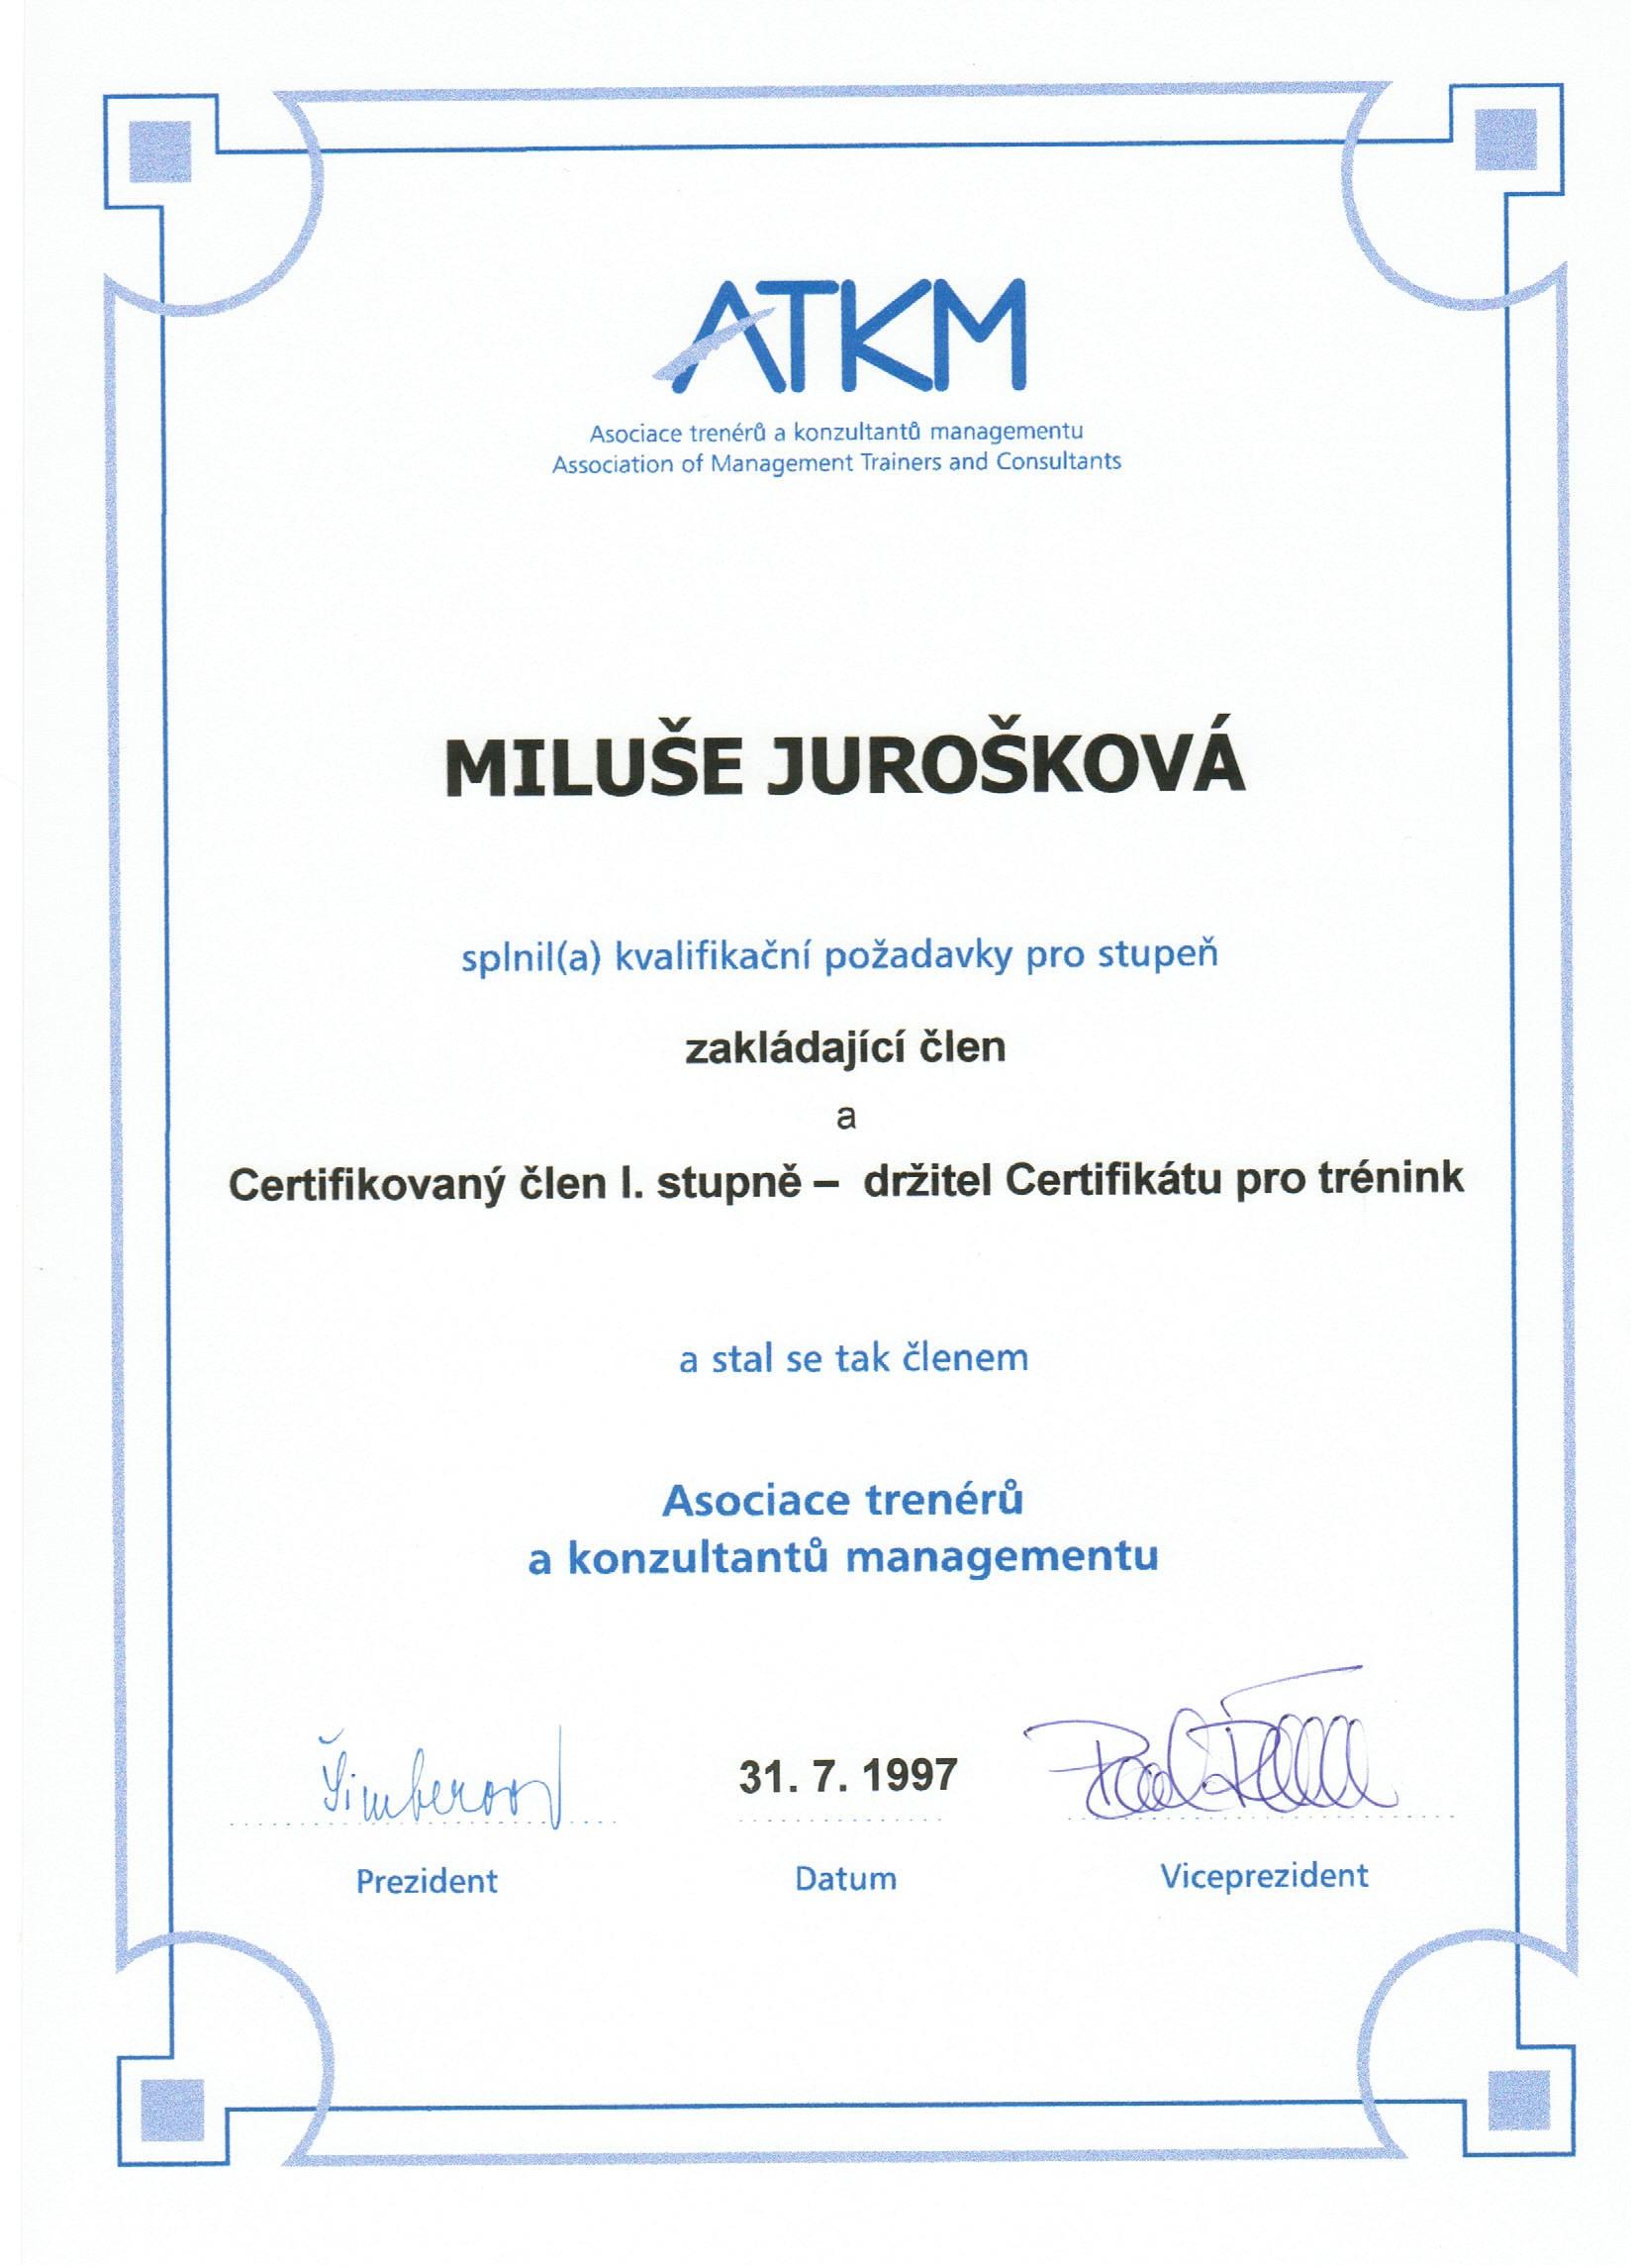 Asociace trenérů a konzultantů managementu, zakládající člen